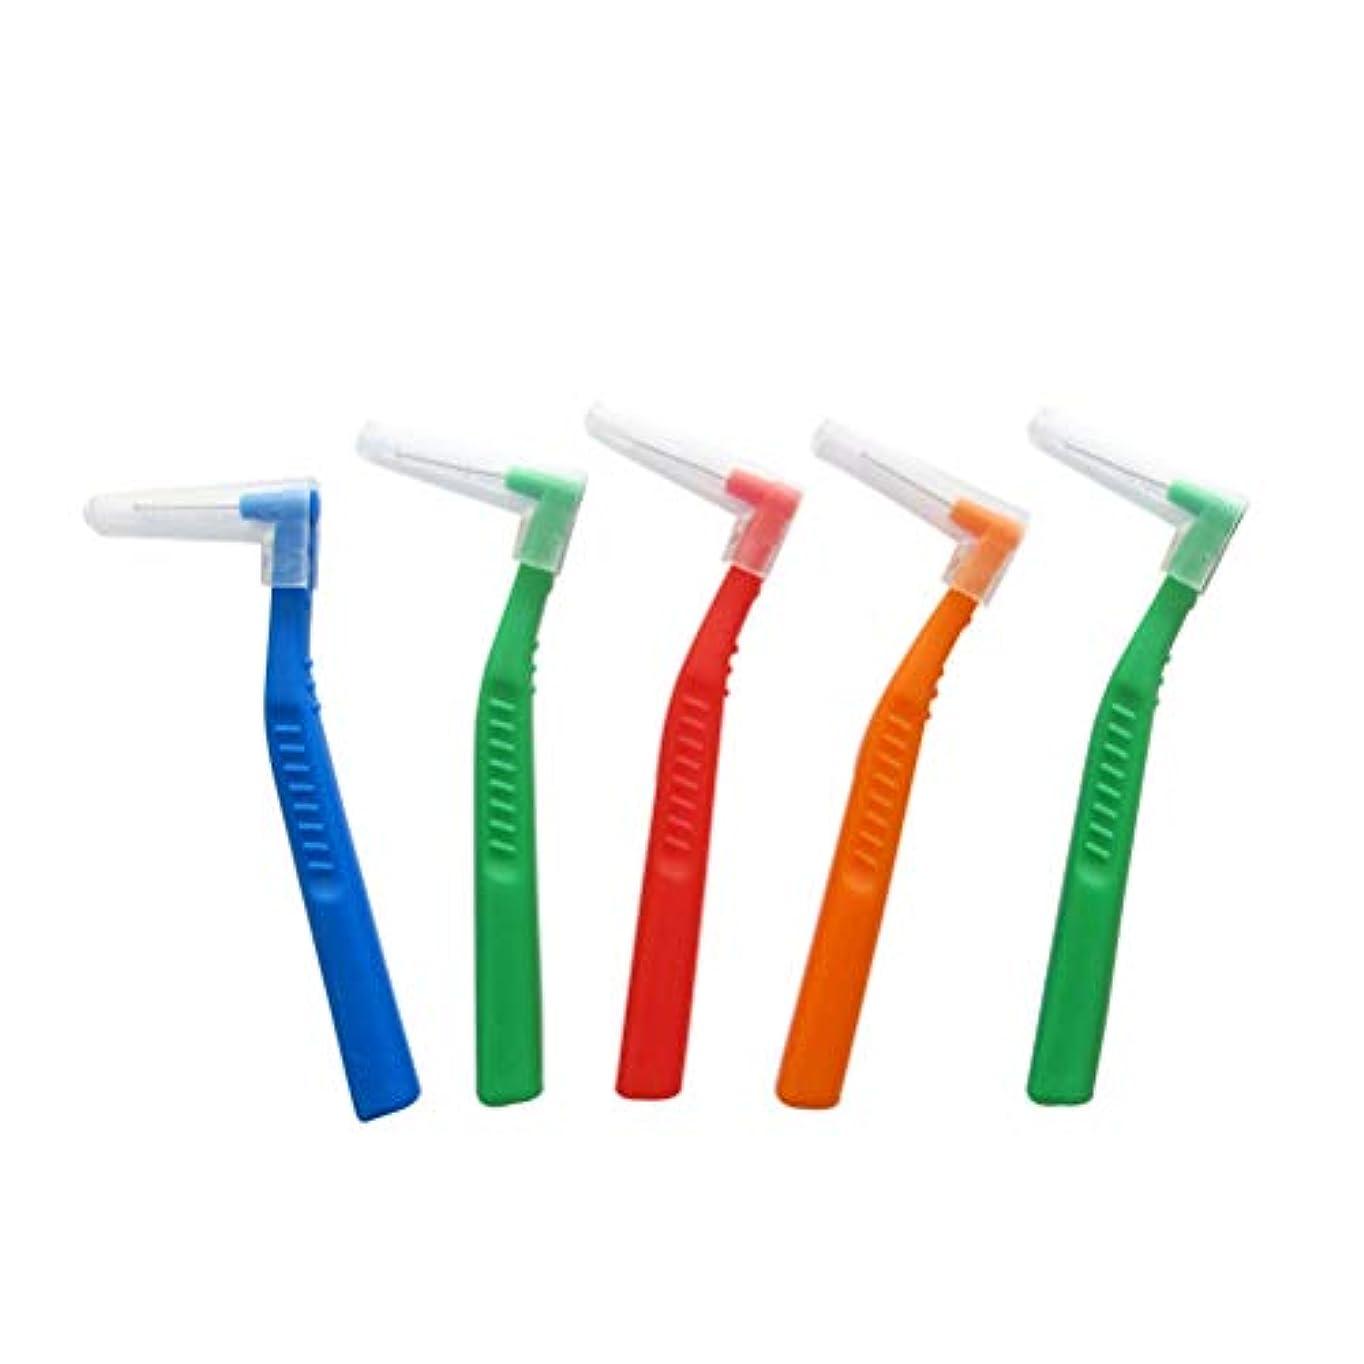 遺産ブリード球体SUPVOX 歯間ブラシ クリーナー l字型 歯間清掃 歯科 口腔ケアツール 5本入(ランダムカラー)